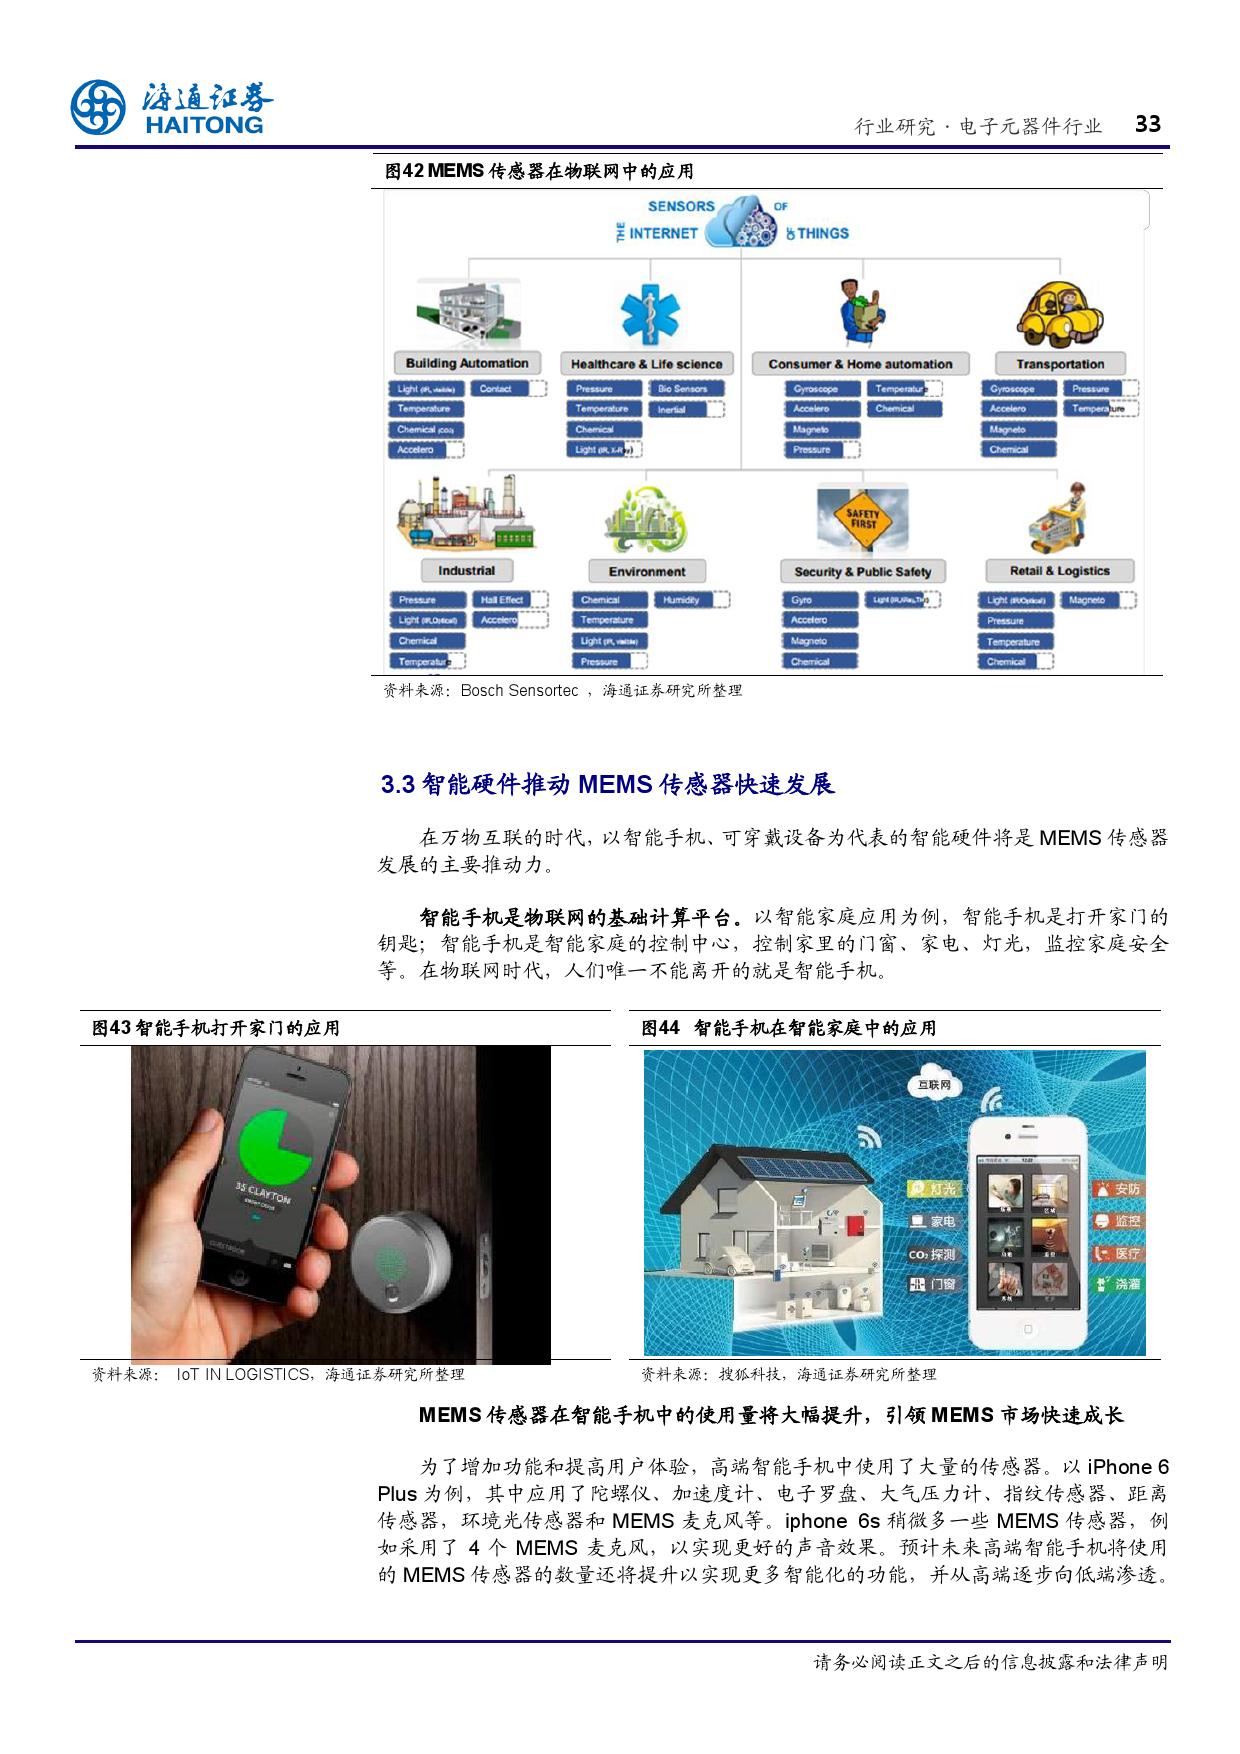 报告全解传感器全球产业链_000033